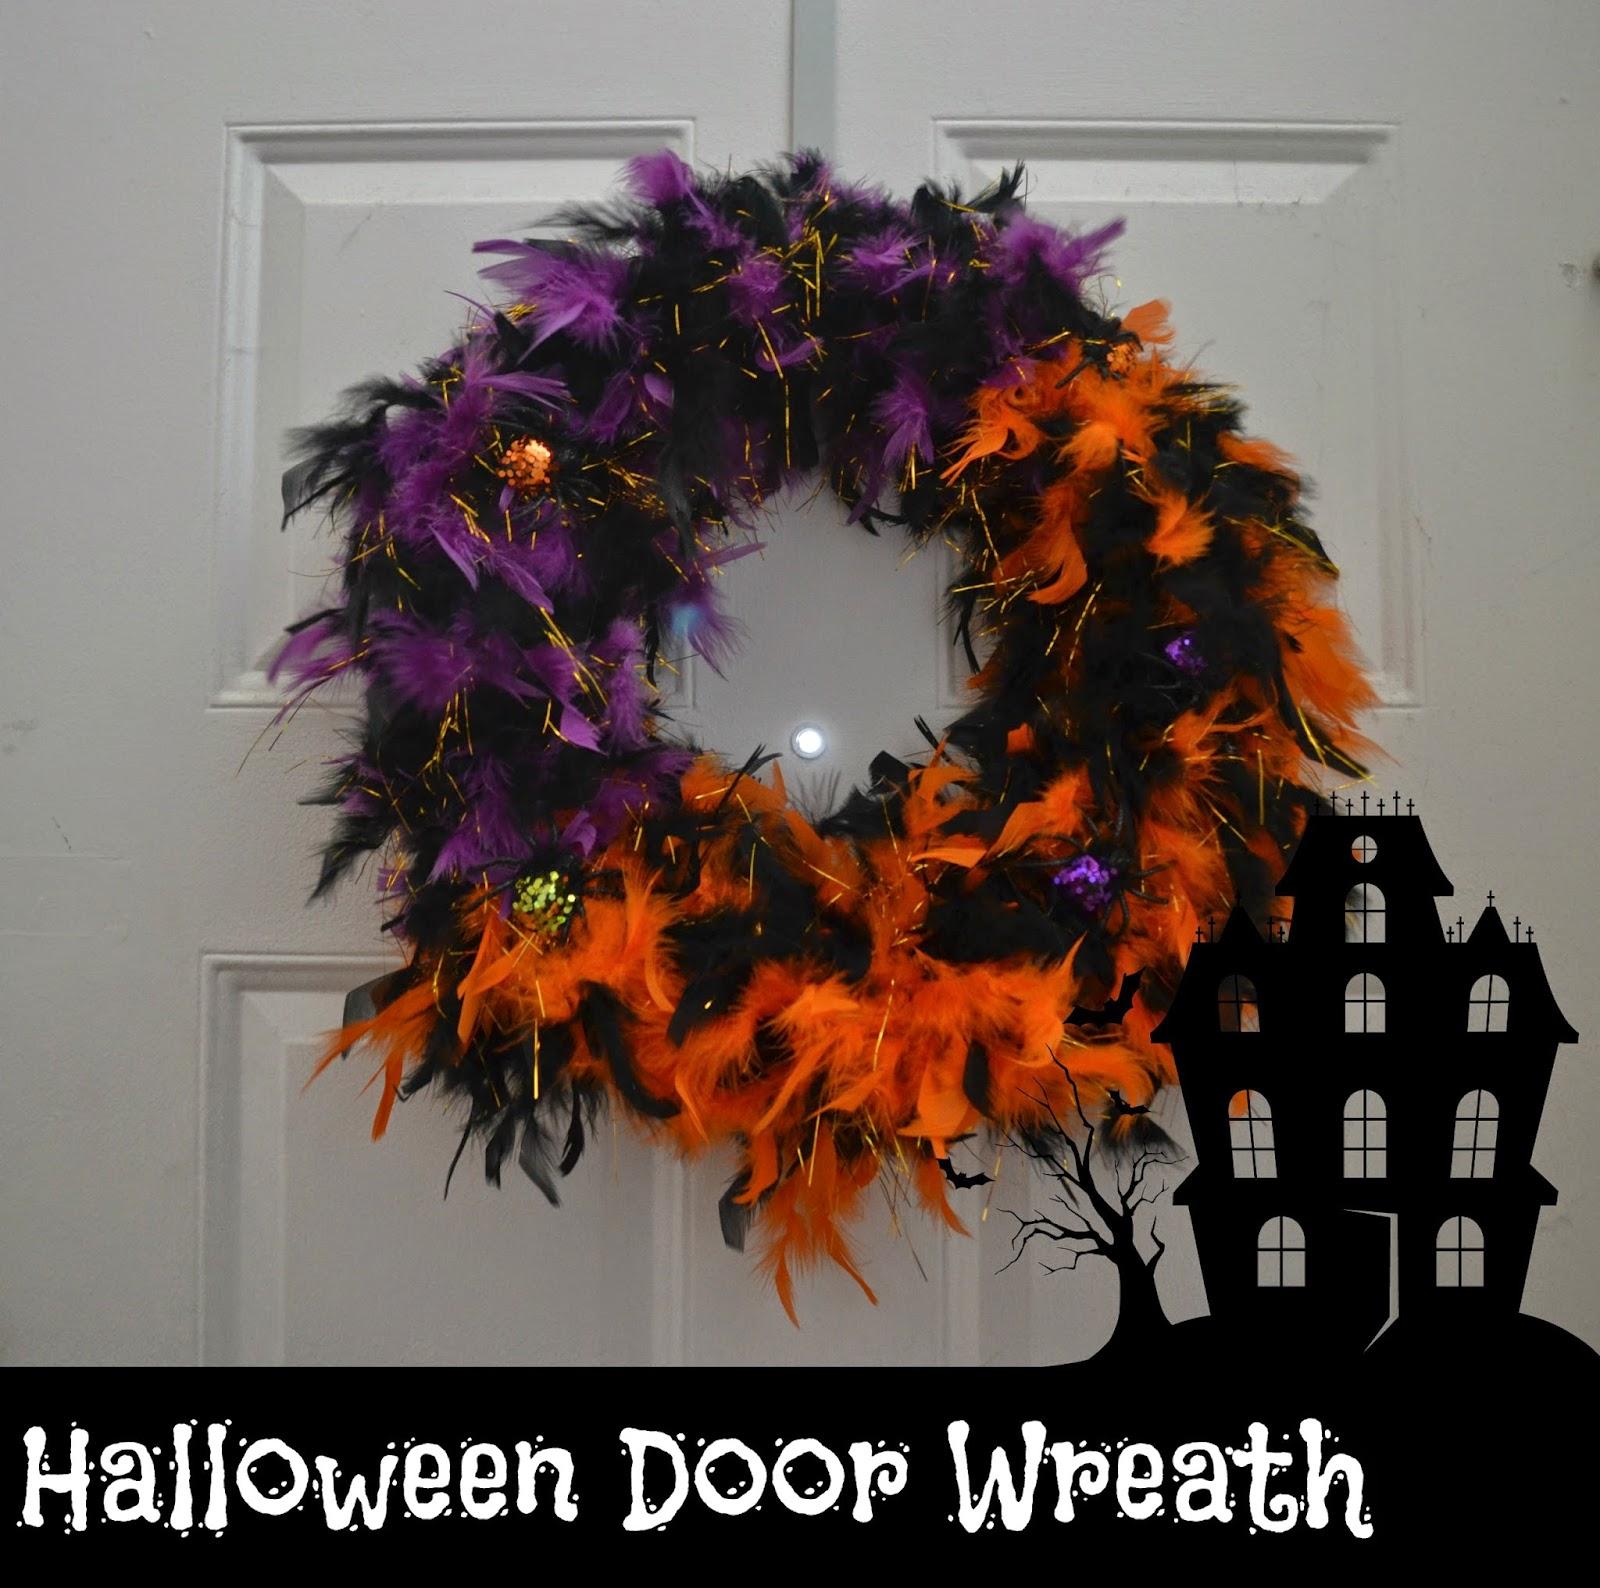 Feathered Halloween Door Wreath #DIY.  Easy Halloween Decorations. DIY Halloween Door Wreath.  Crafts with Boas.  Halloween decorations.  Halloween door decor.  Halloween Home Decor.  Door Wreath.